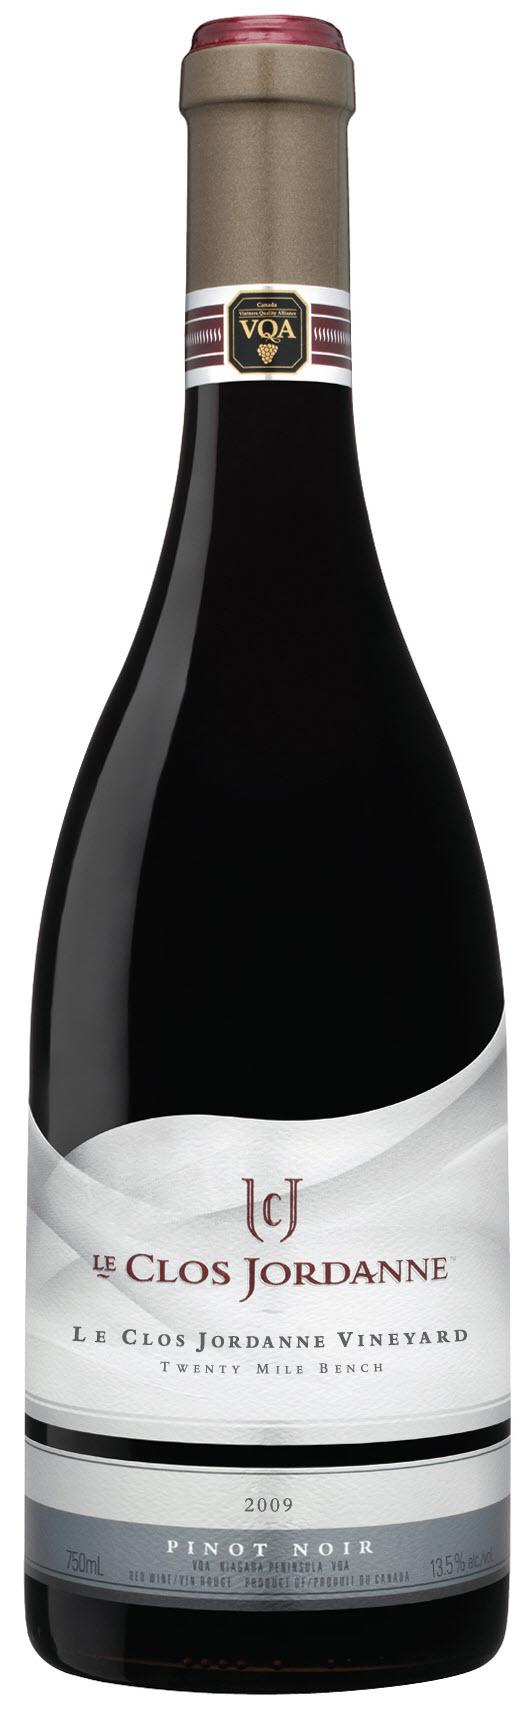 Le Clos Jordanne Le Clos Jordanne Vineyard Pinot Noir 2009